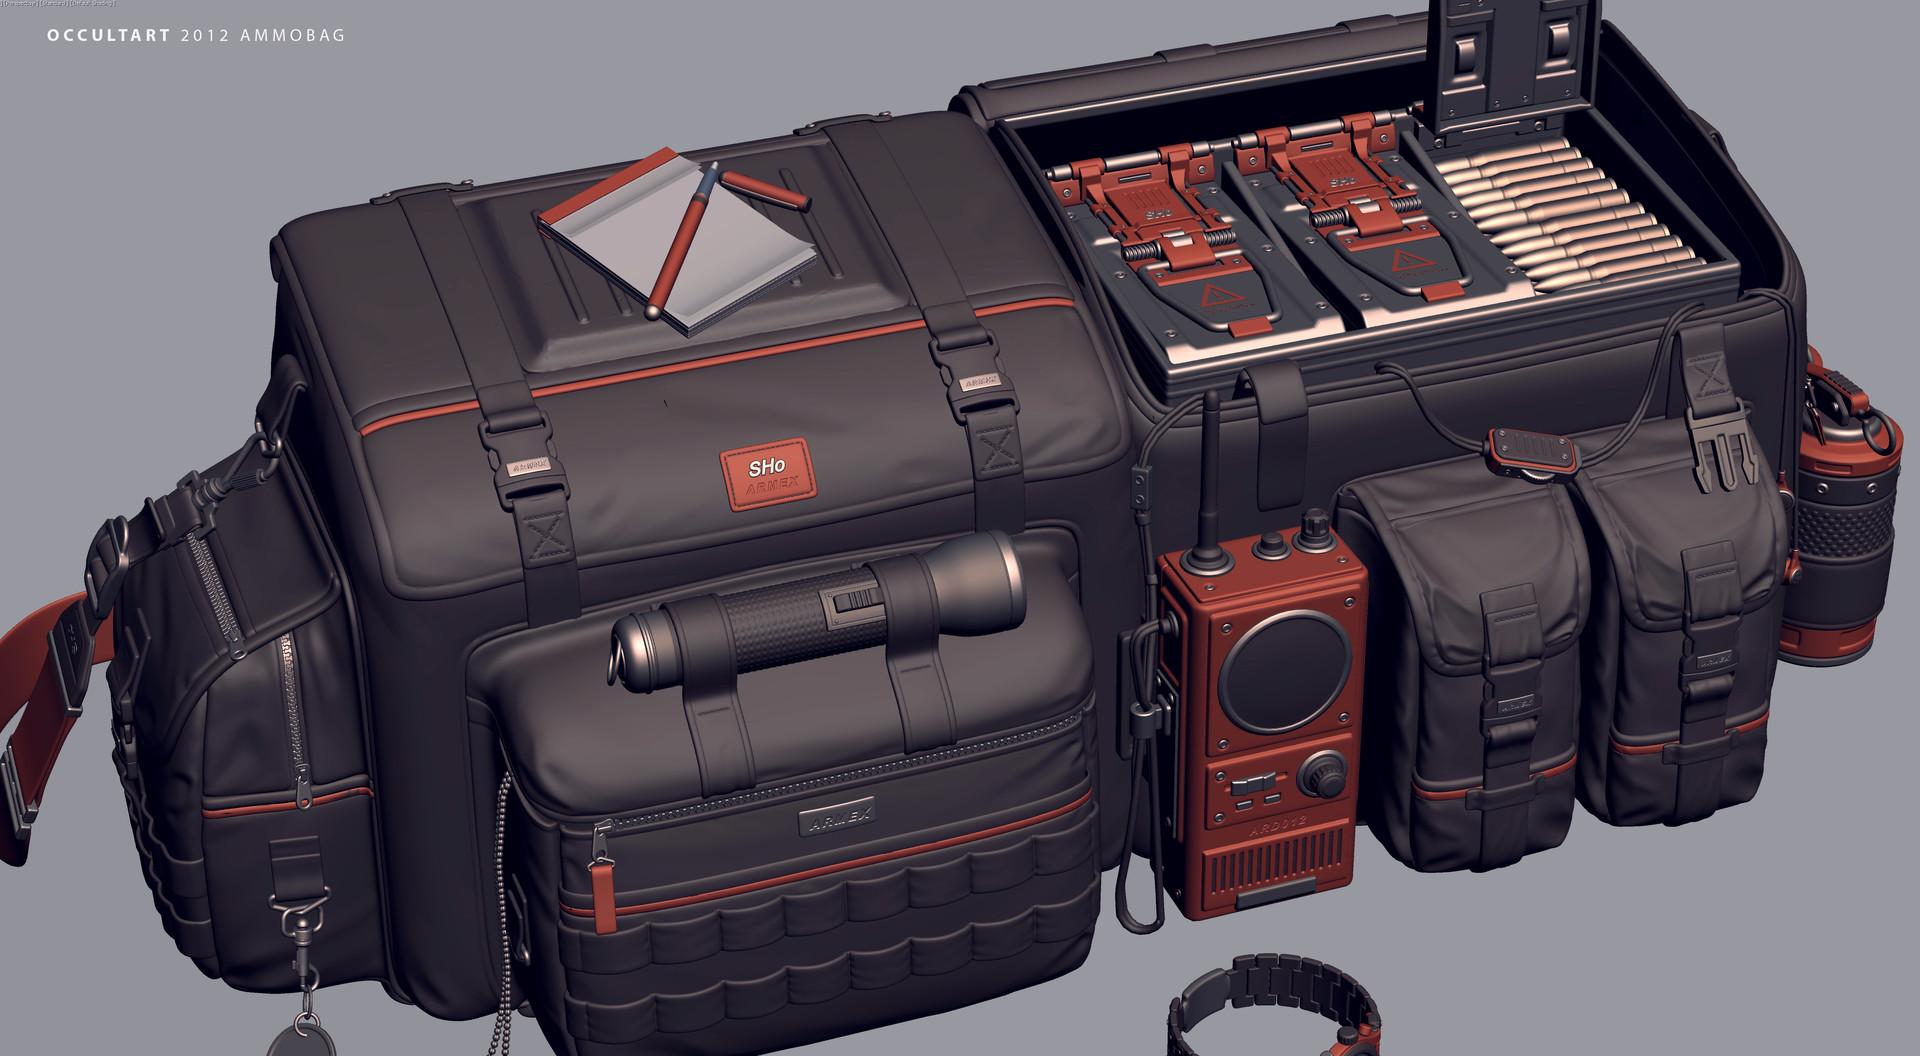 Occultart   ammobag 27